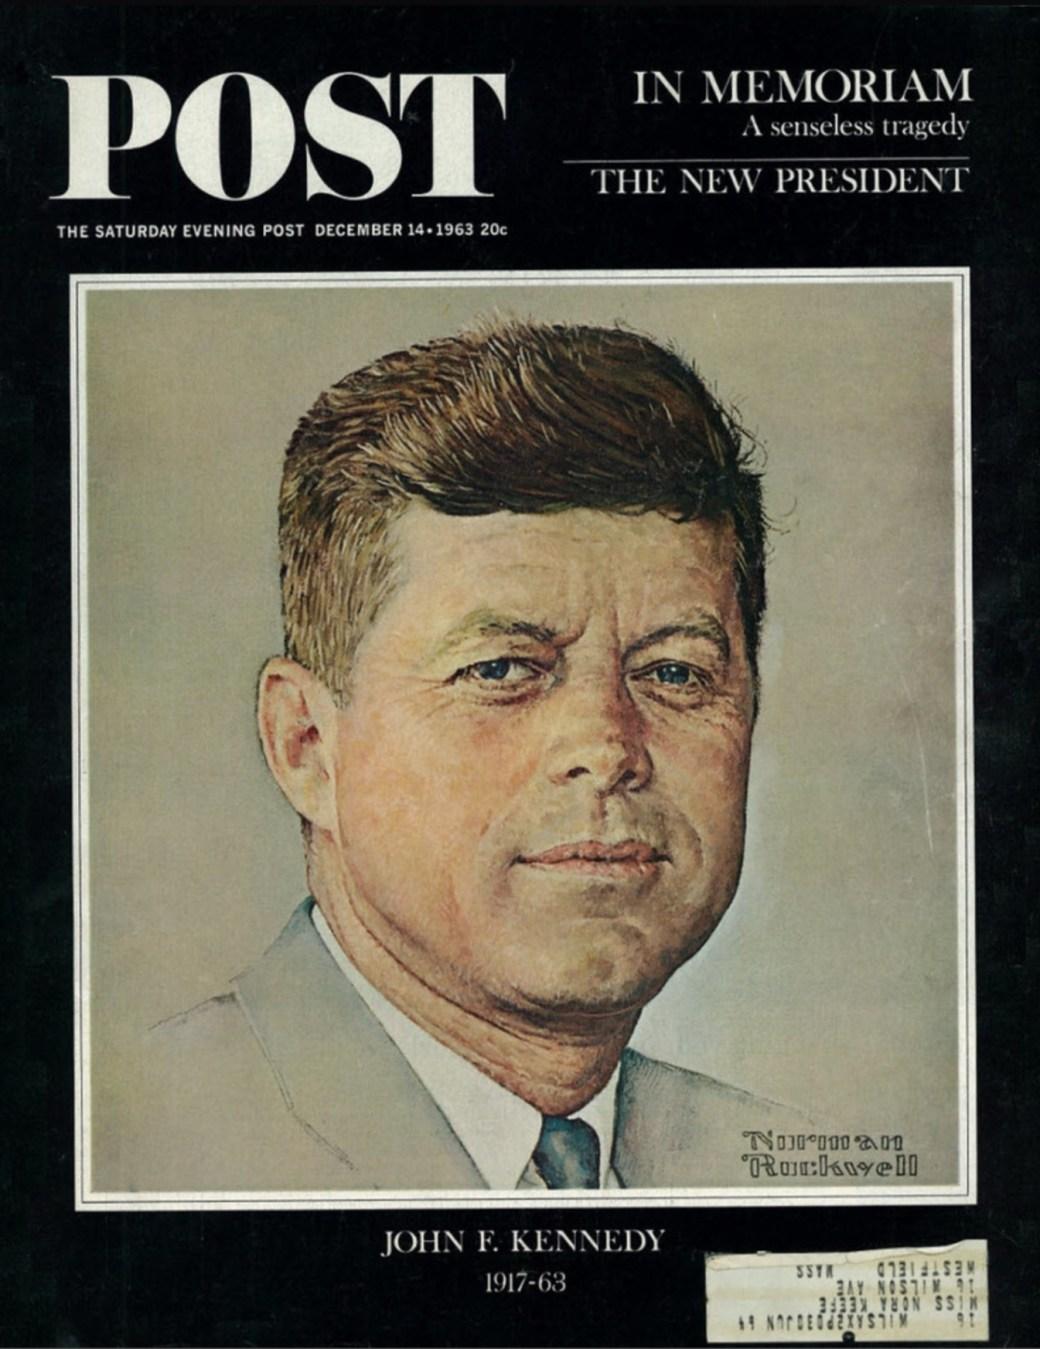 Porträtt av John F. Kennedy från 1960, återpublicerad 1963